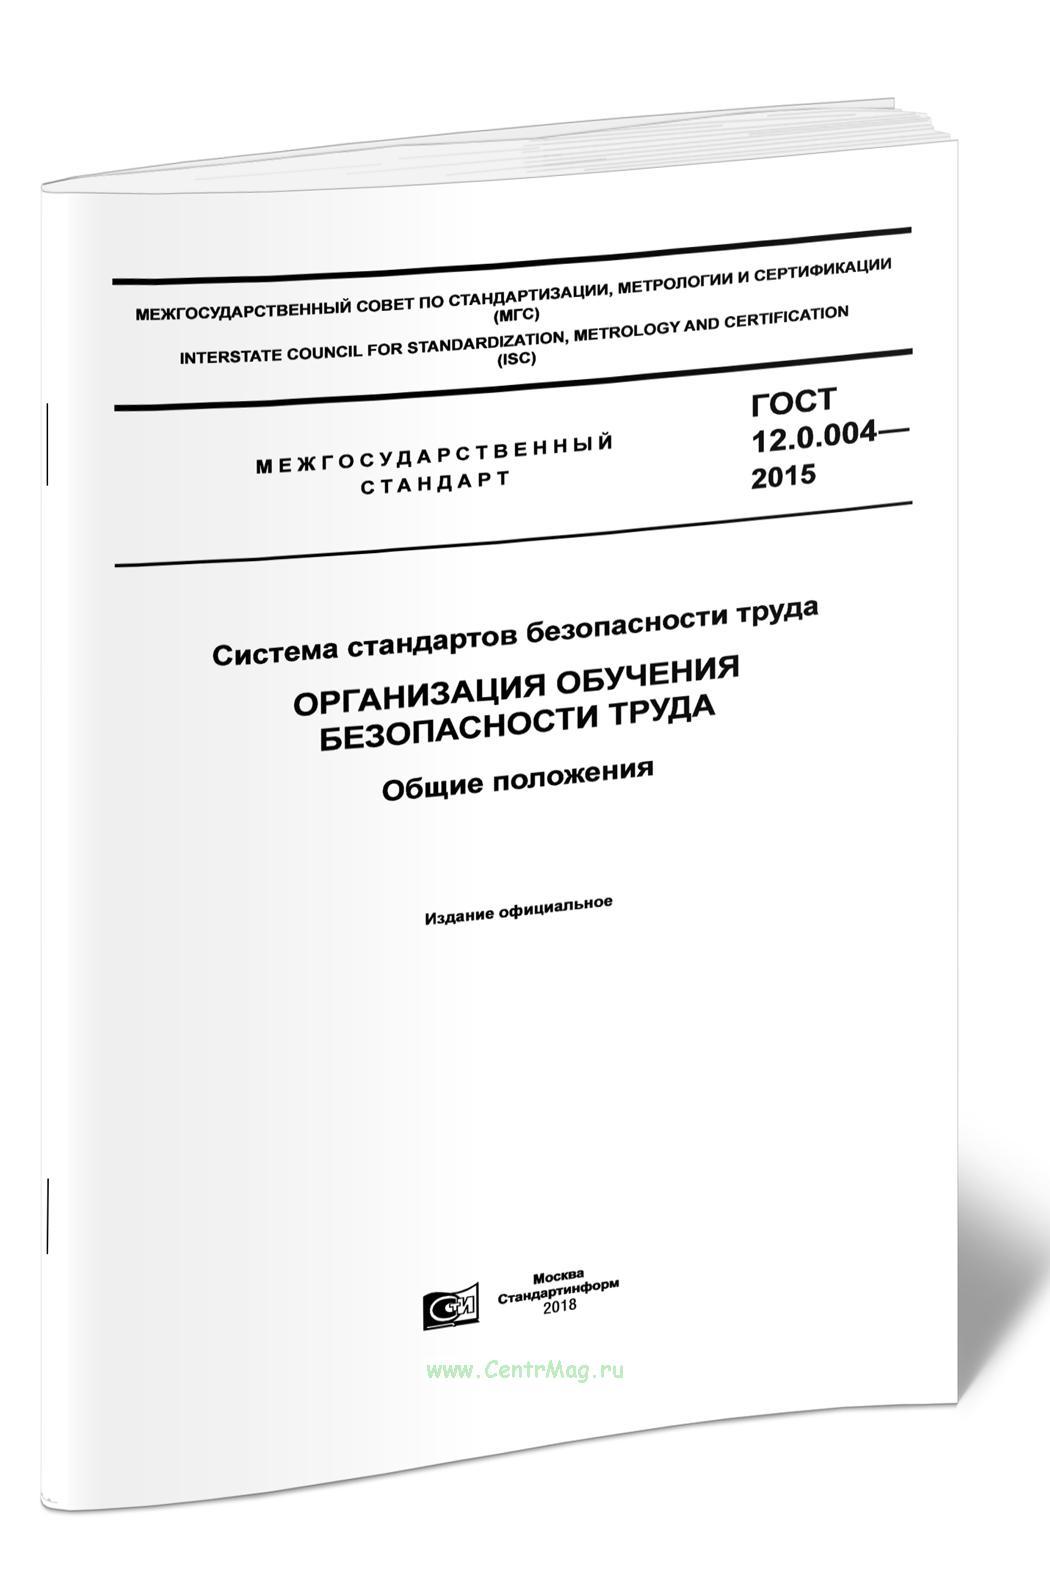 ГОСТ 12.0.004-2015 Система стандартов безопасности труда. Организация обучения безопасности труда. Общие положения 2018 год. Последняя редакция